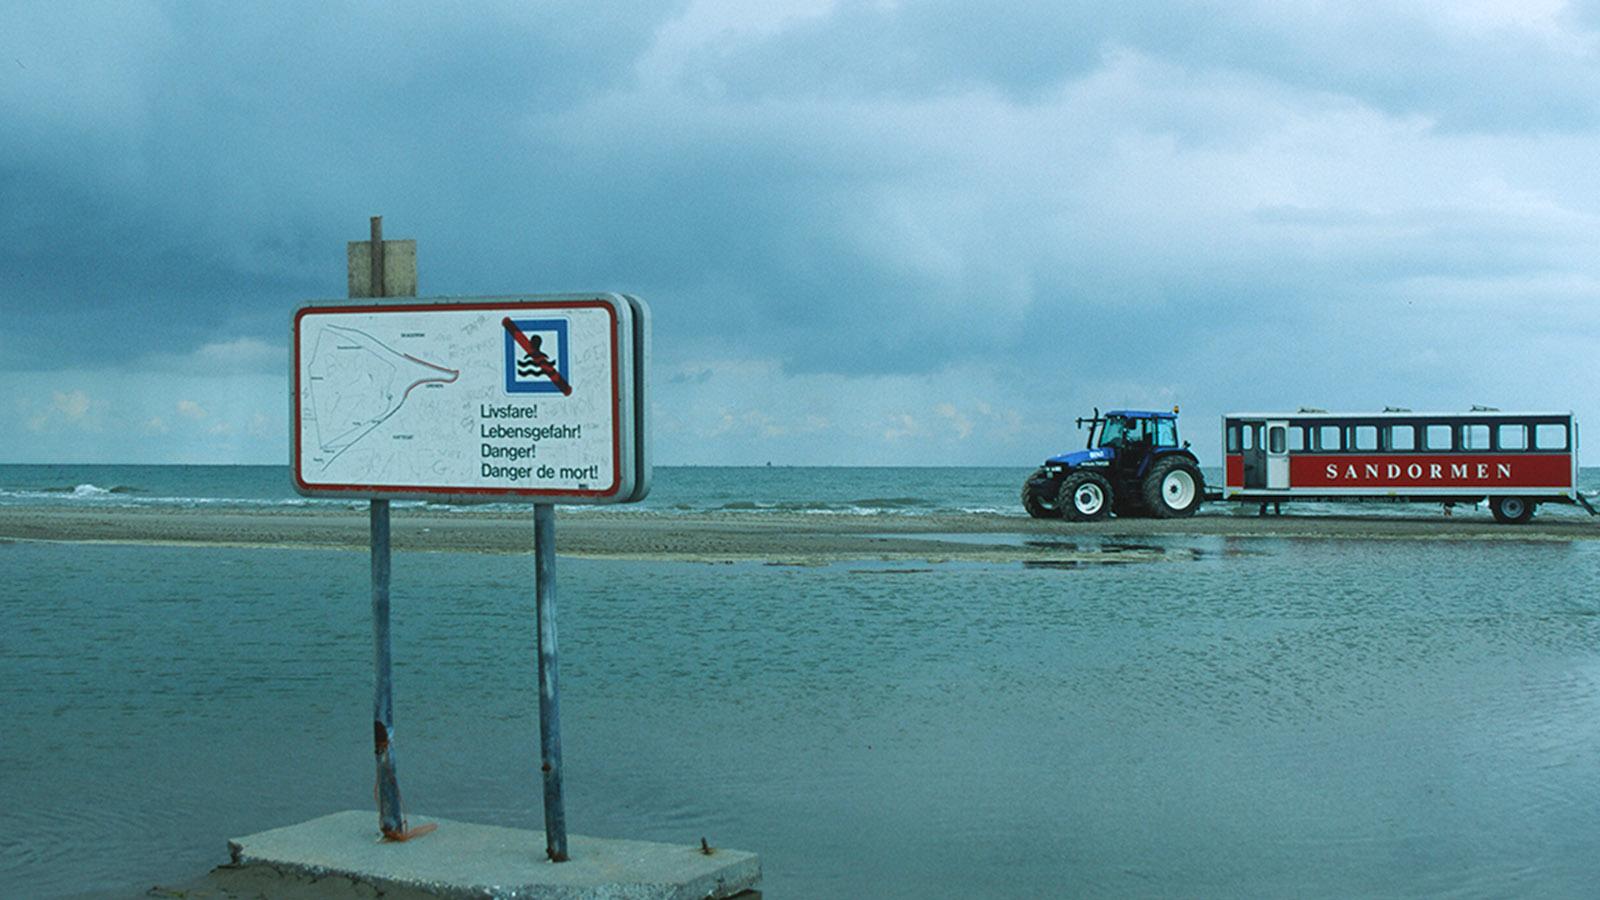 """Skagen: Grenen ist Dänemarks Nordspitze. Hin bringt euch der Touristenzug """"Sandormen"""". Foto: Hilke Maunder"""